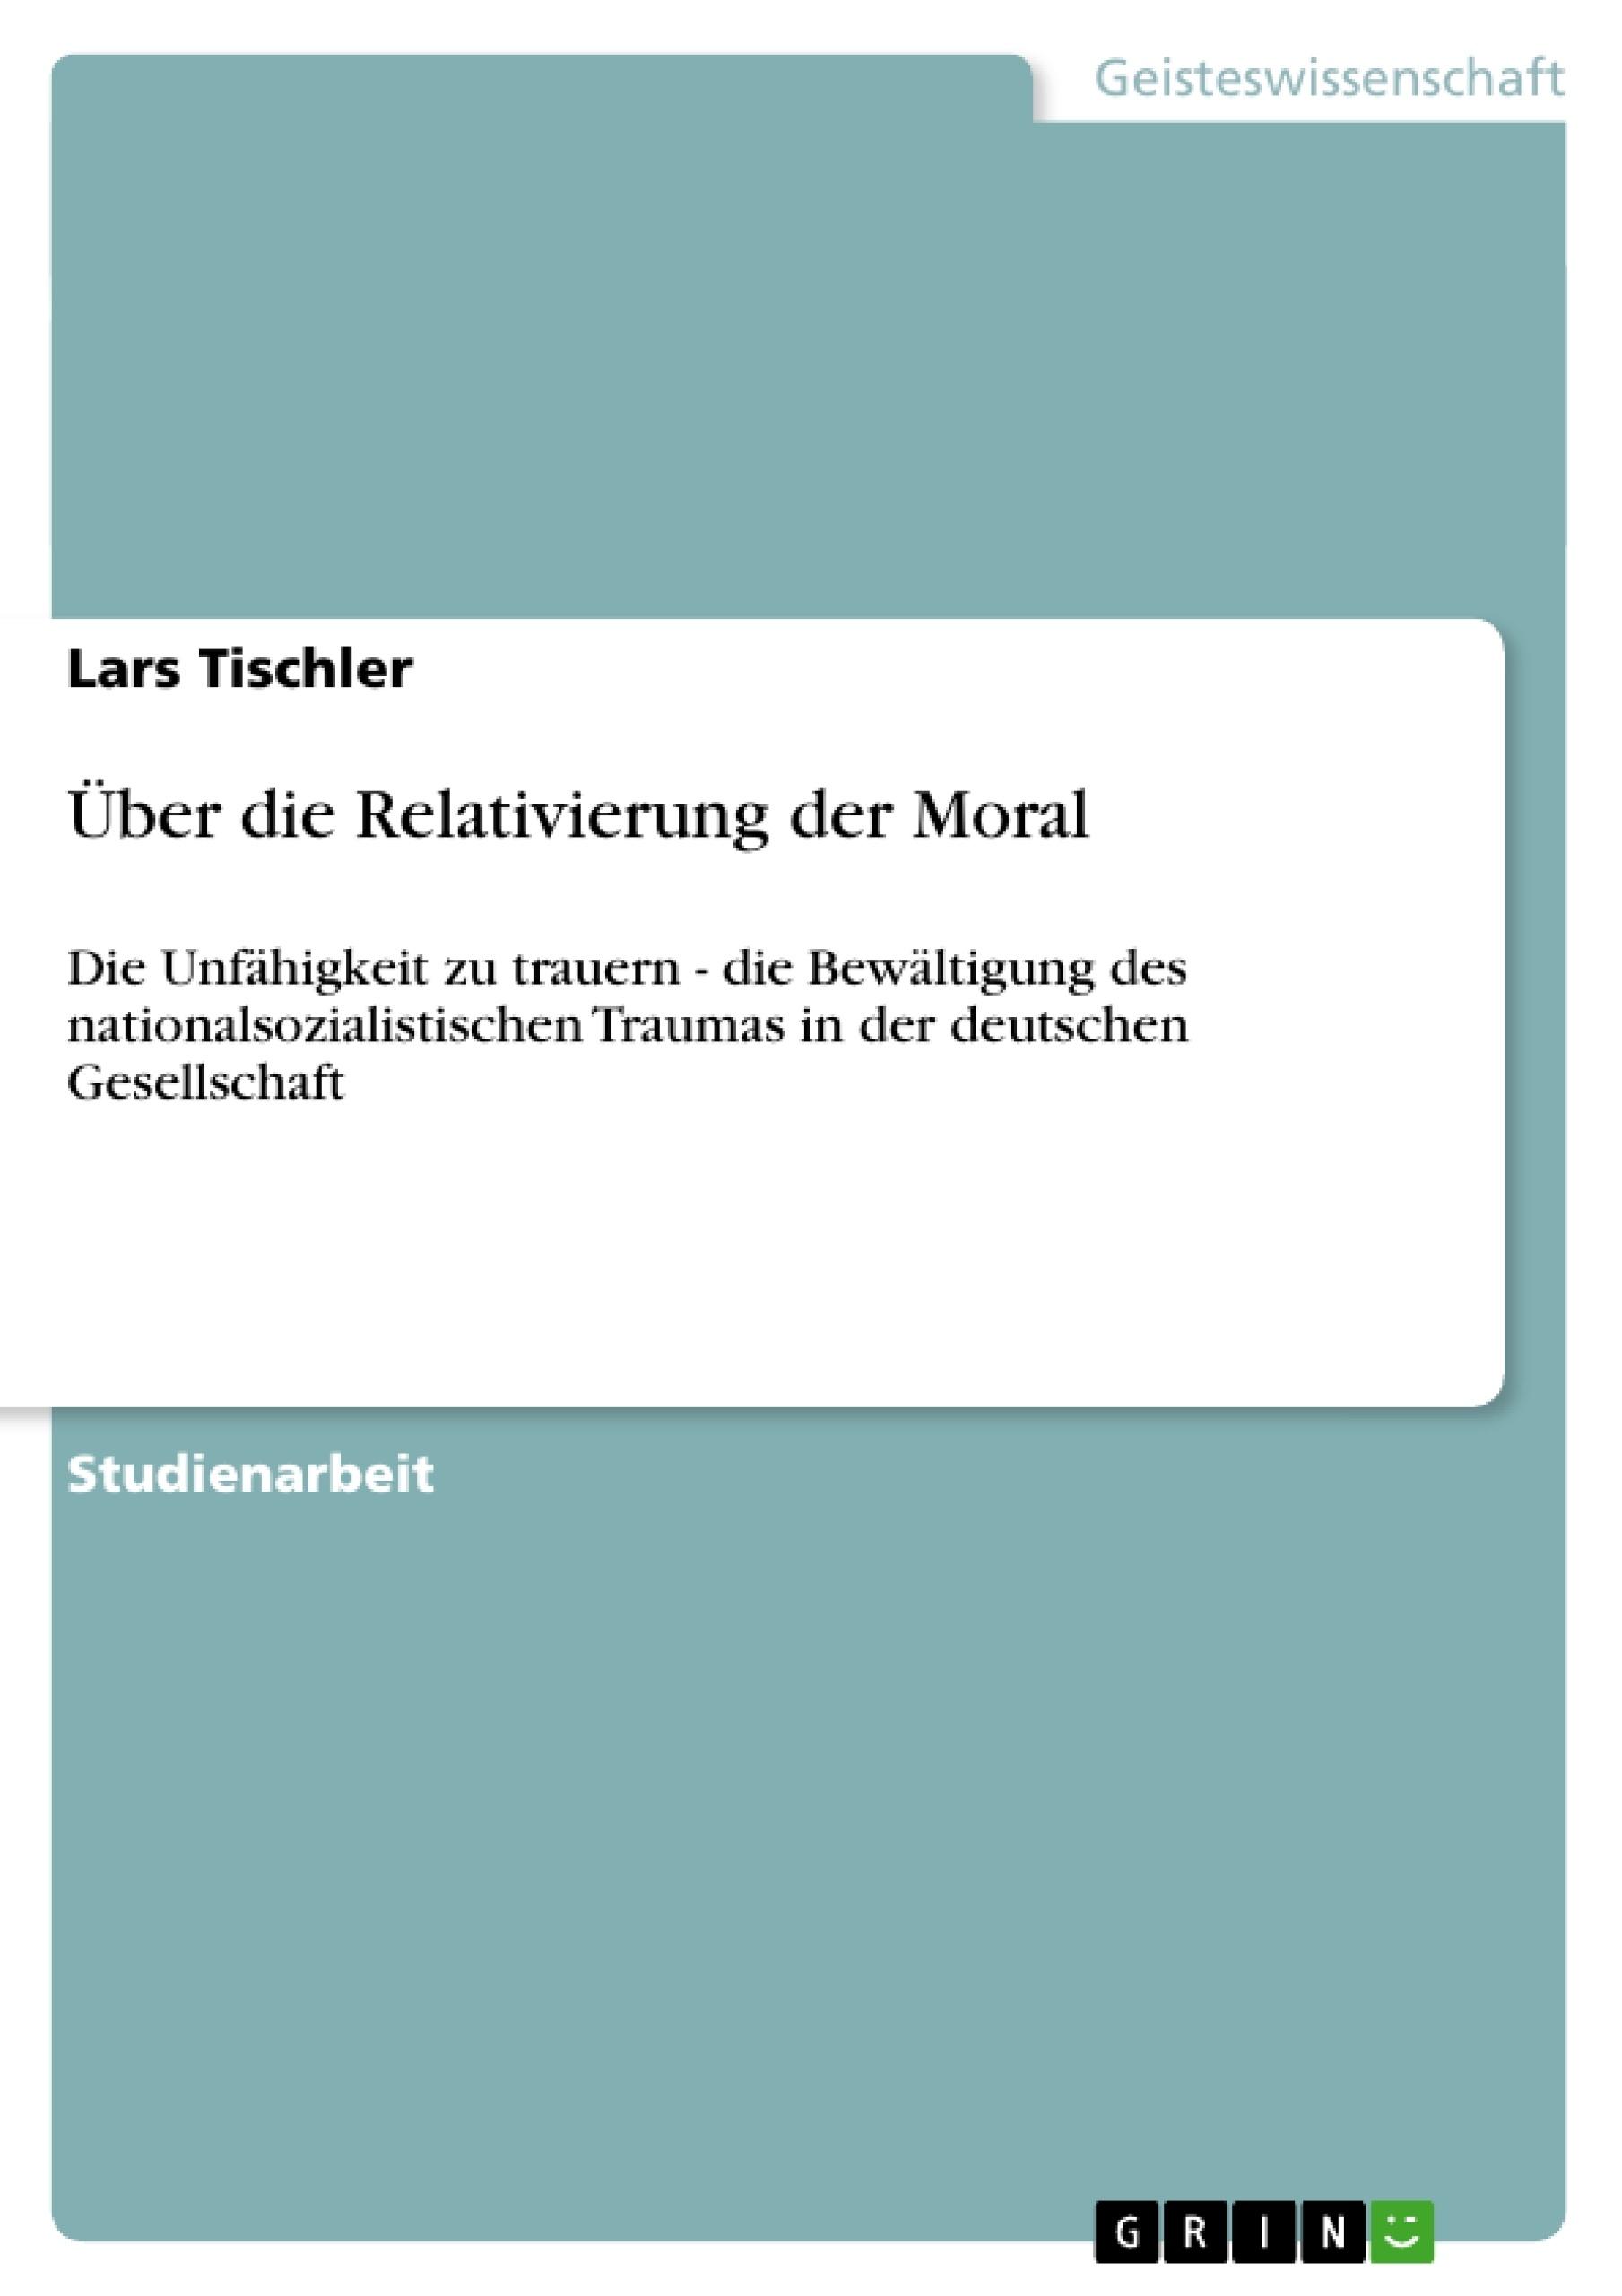 Titel: Über die Relativierung der Moral